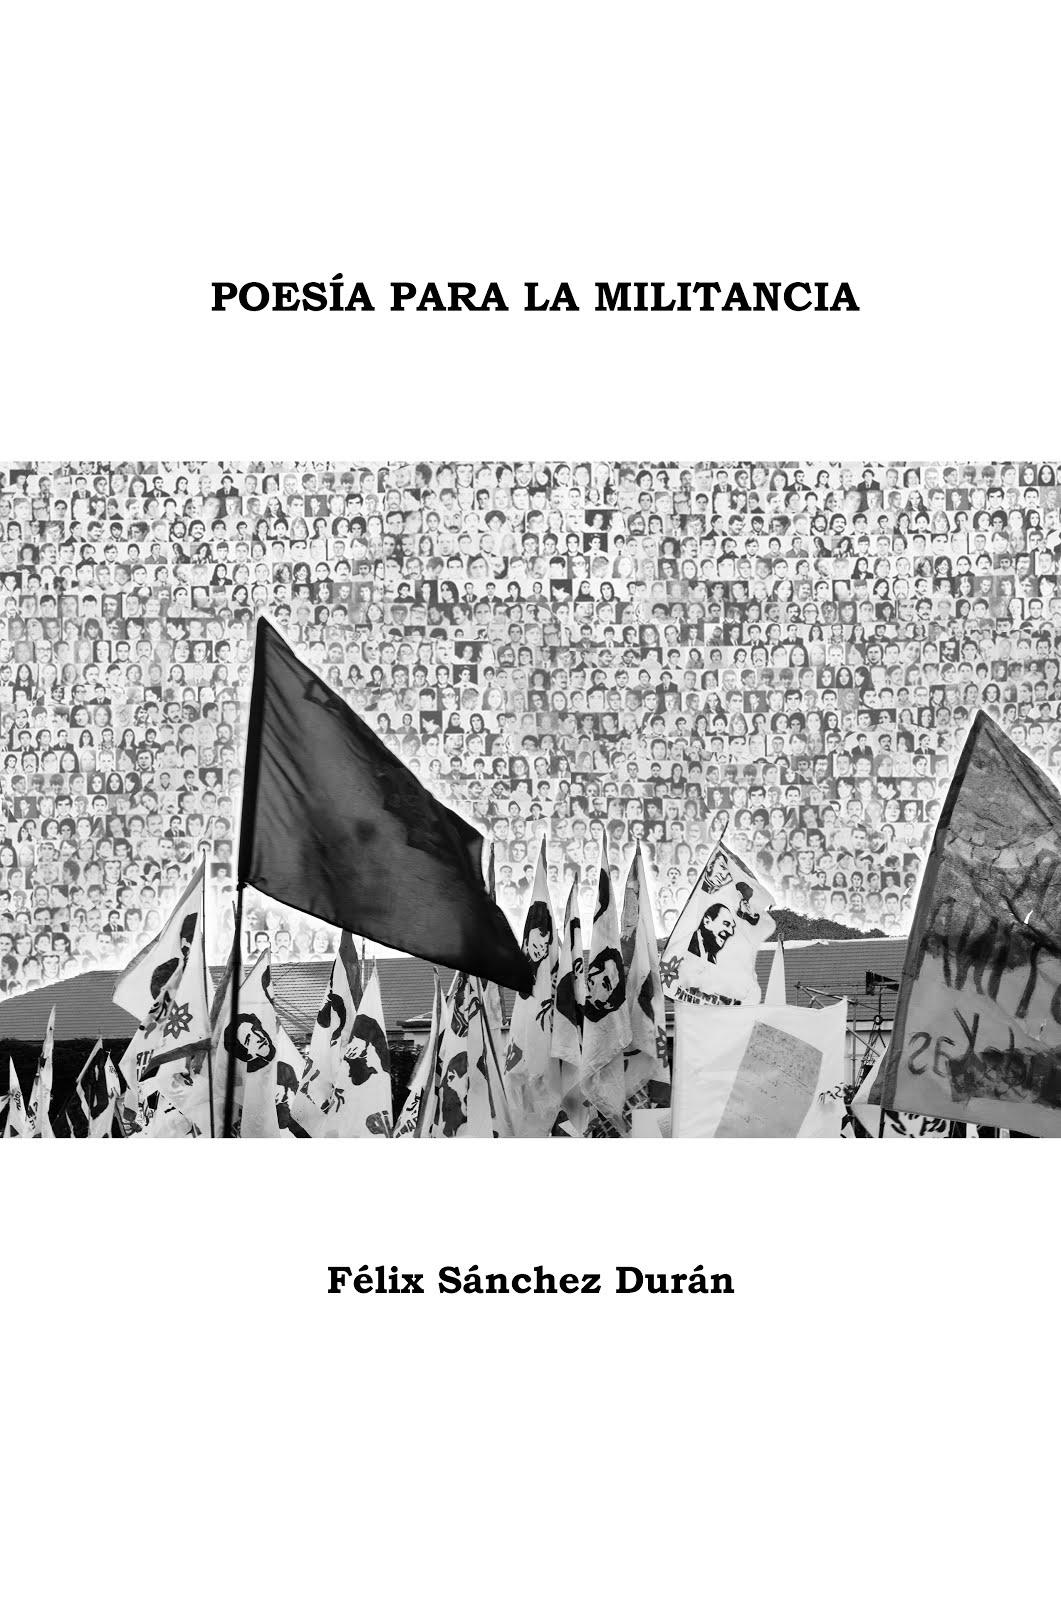 Poesía para la Militancia - Libro (epub y pdf), en Archive.org...